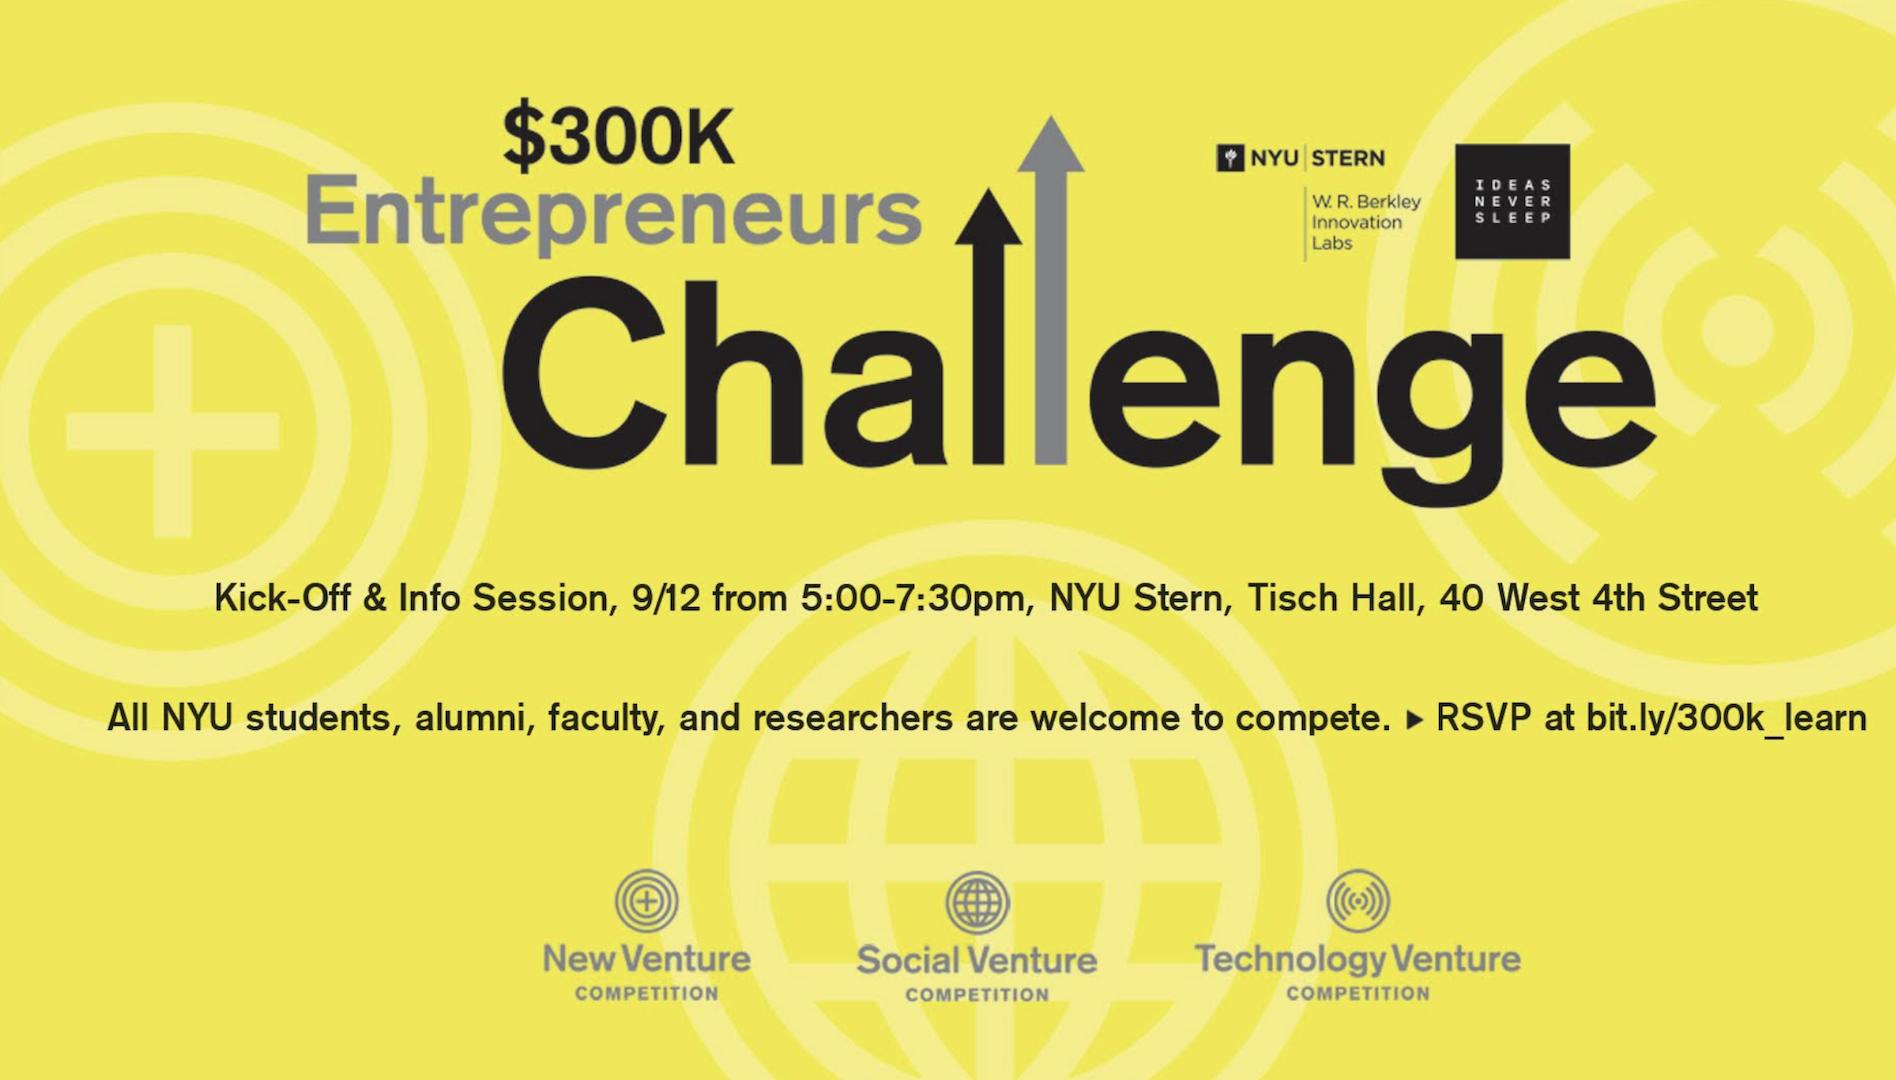 300k Entrepreneurs Challenge Info Session